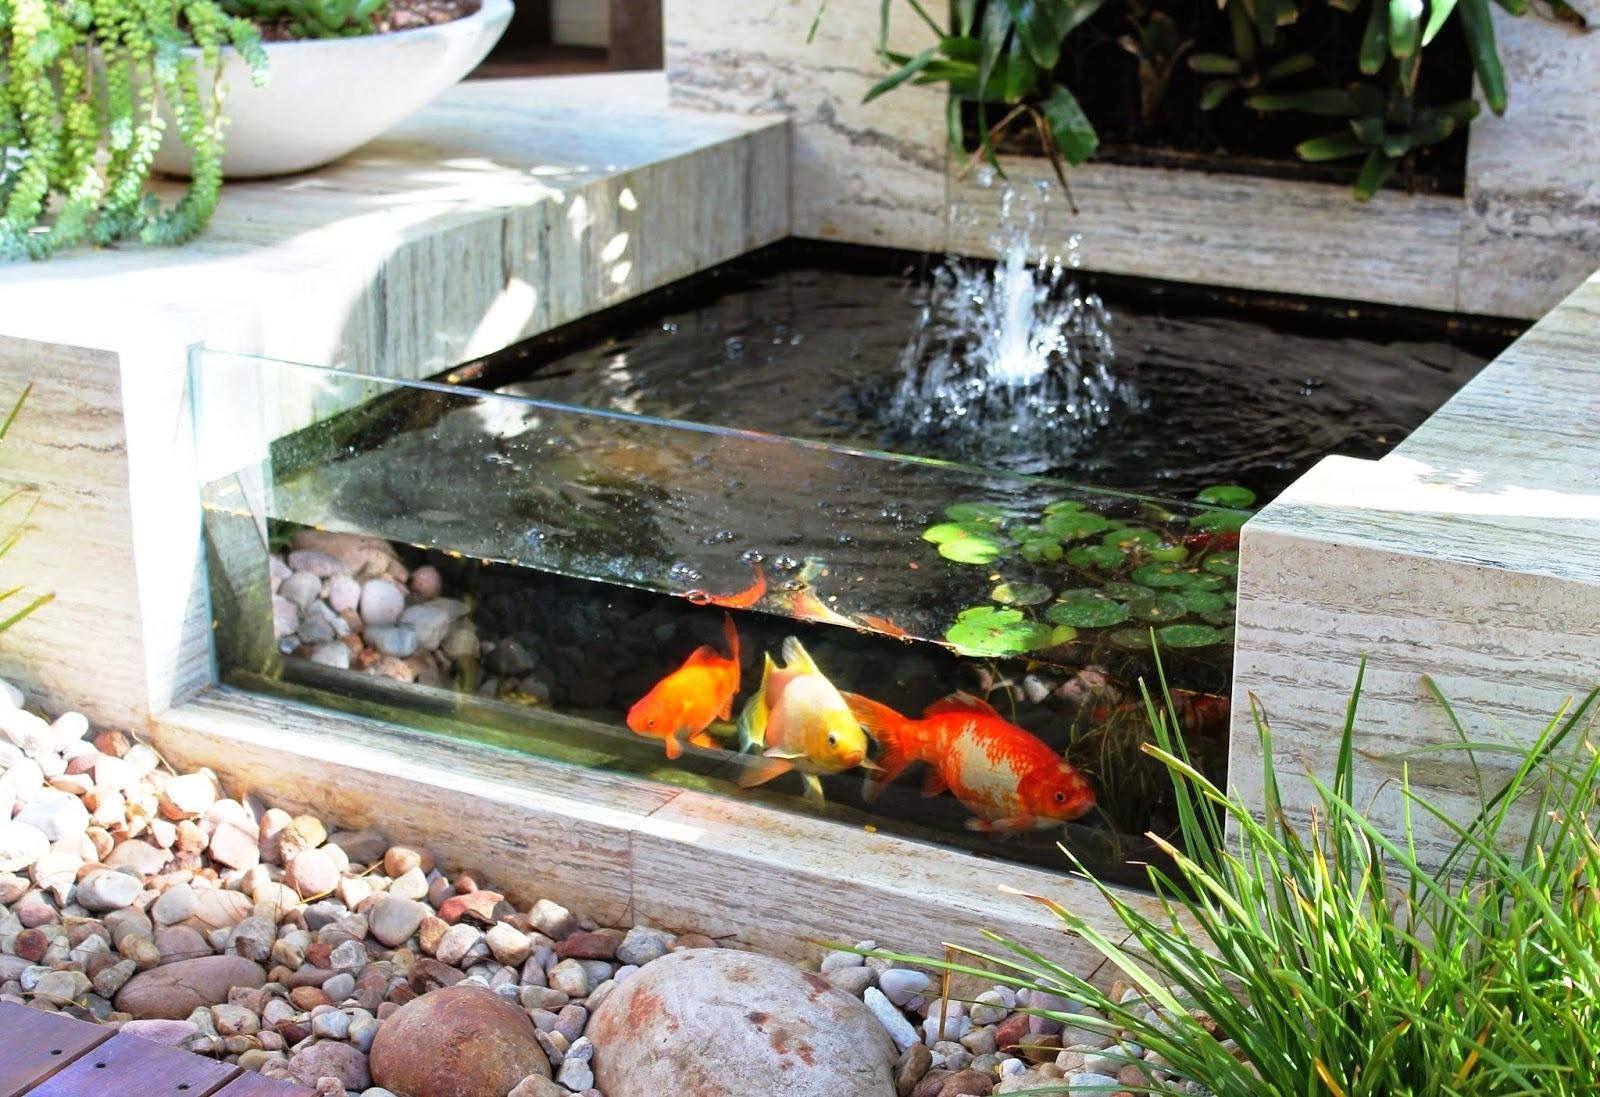 Pin Oleh Mayerly Zuleta Gudelo Di Art Of Life Kolam Ikan Ide Berkebun Water Feature